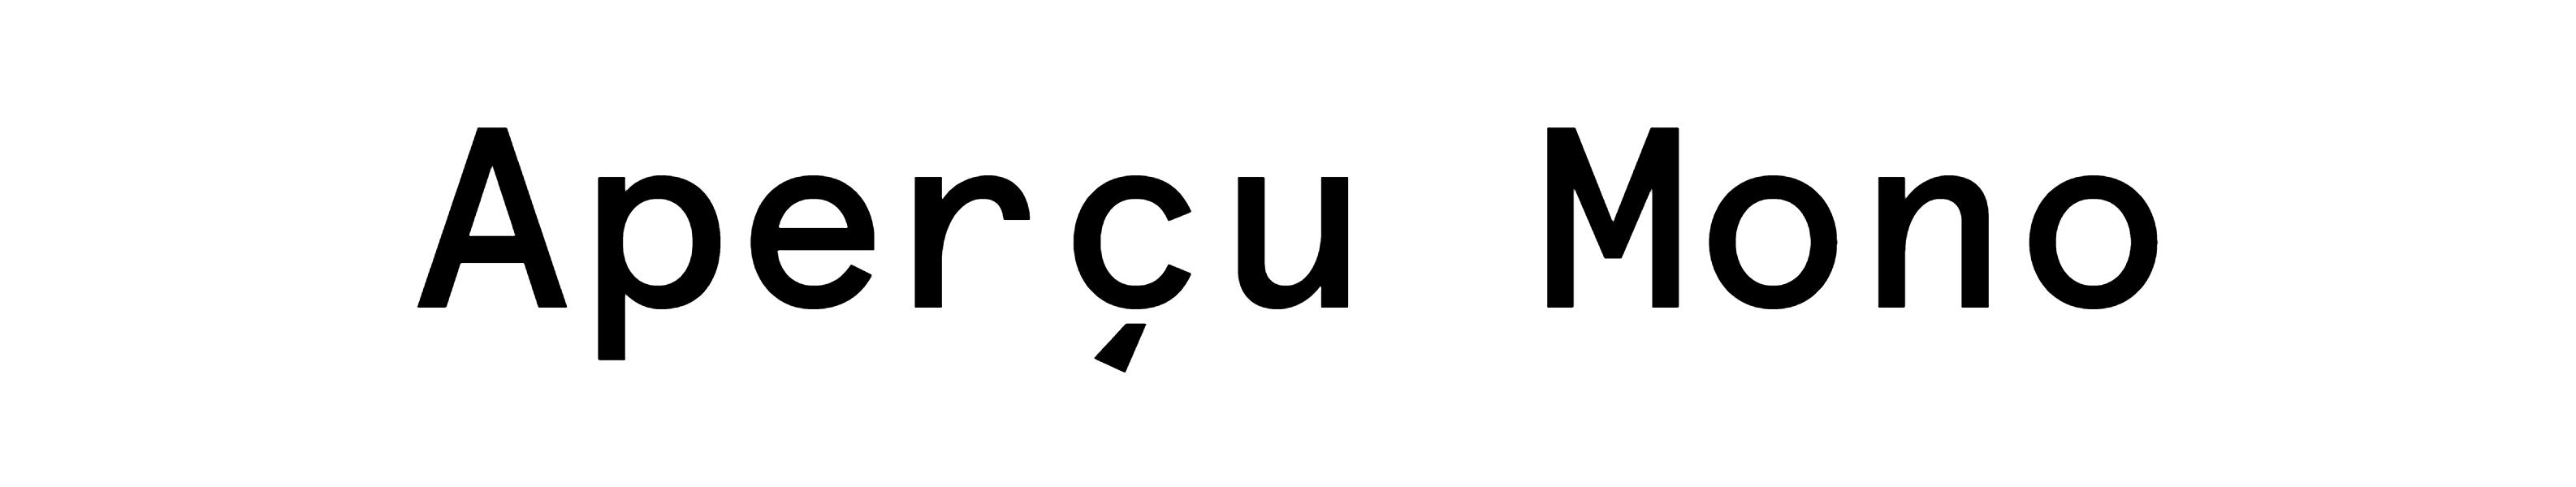 Apercu Mono